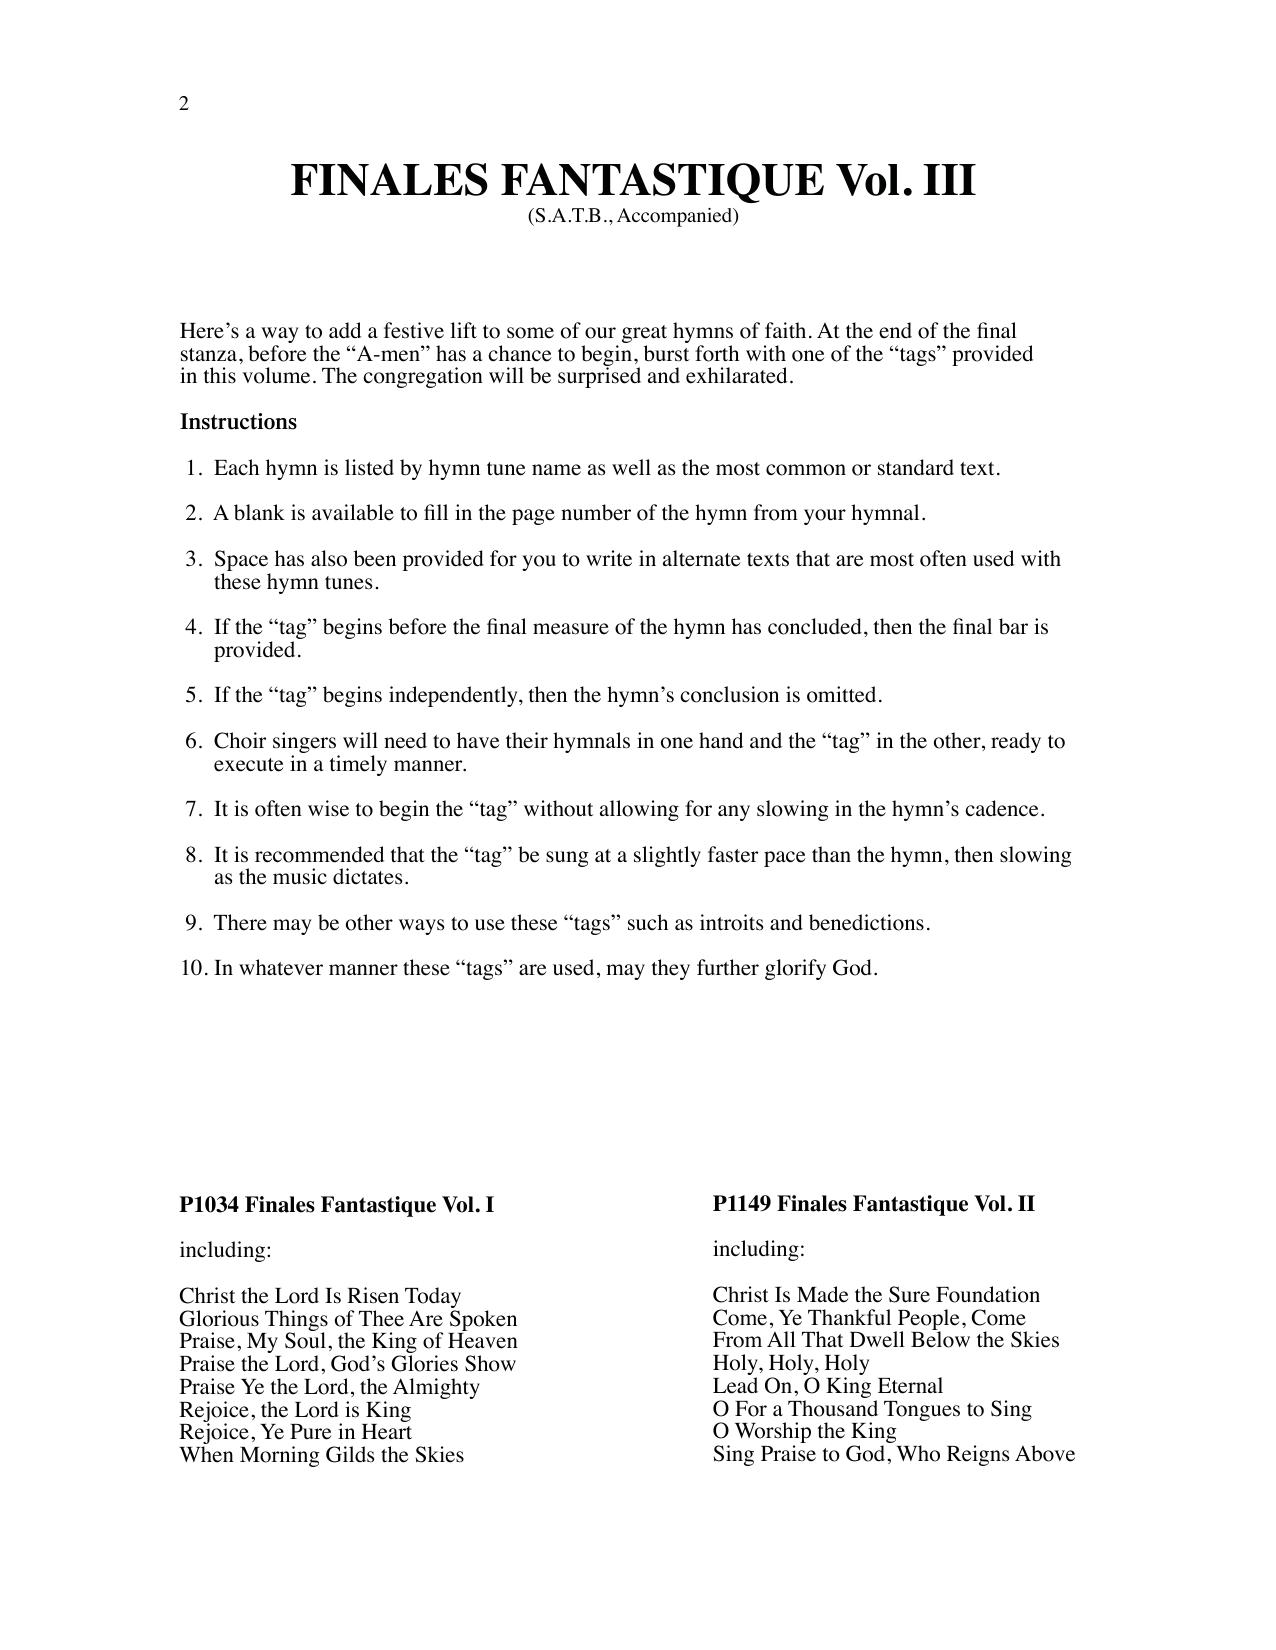 Finales Fantastique Vol. III Sheet Music